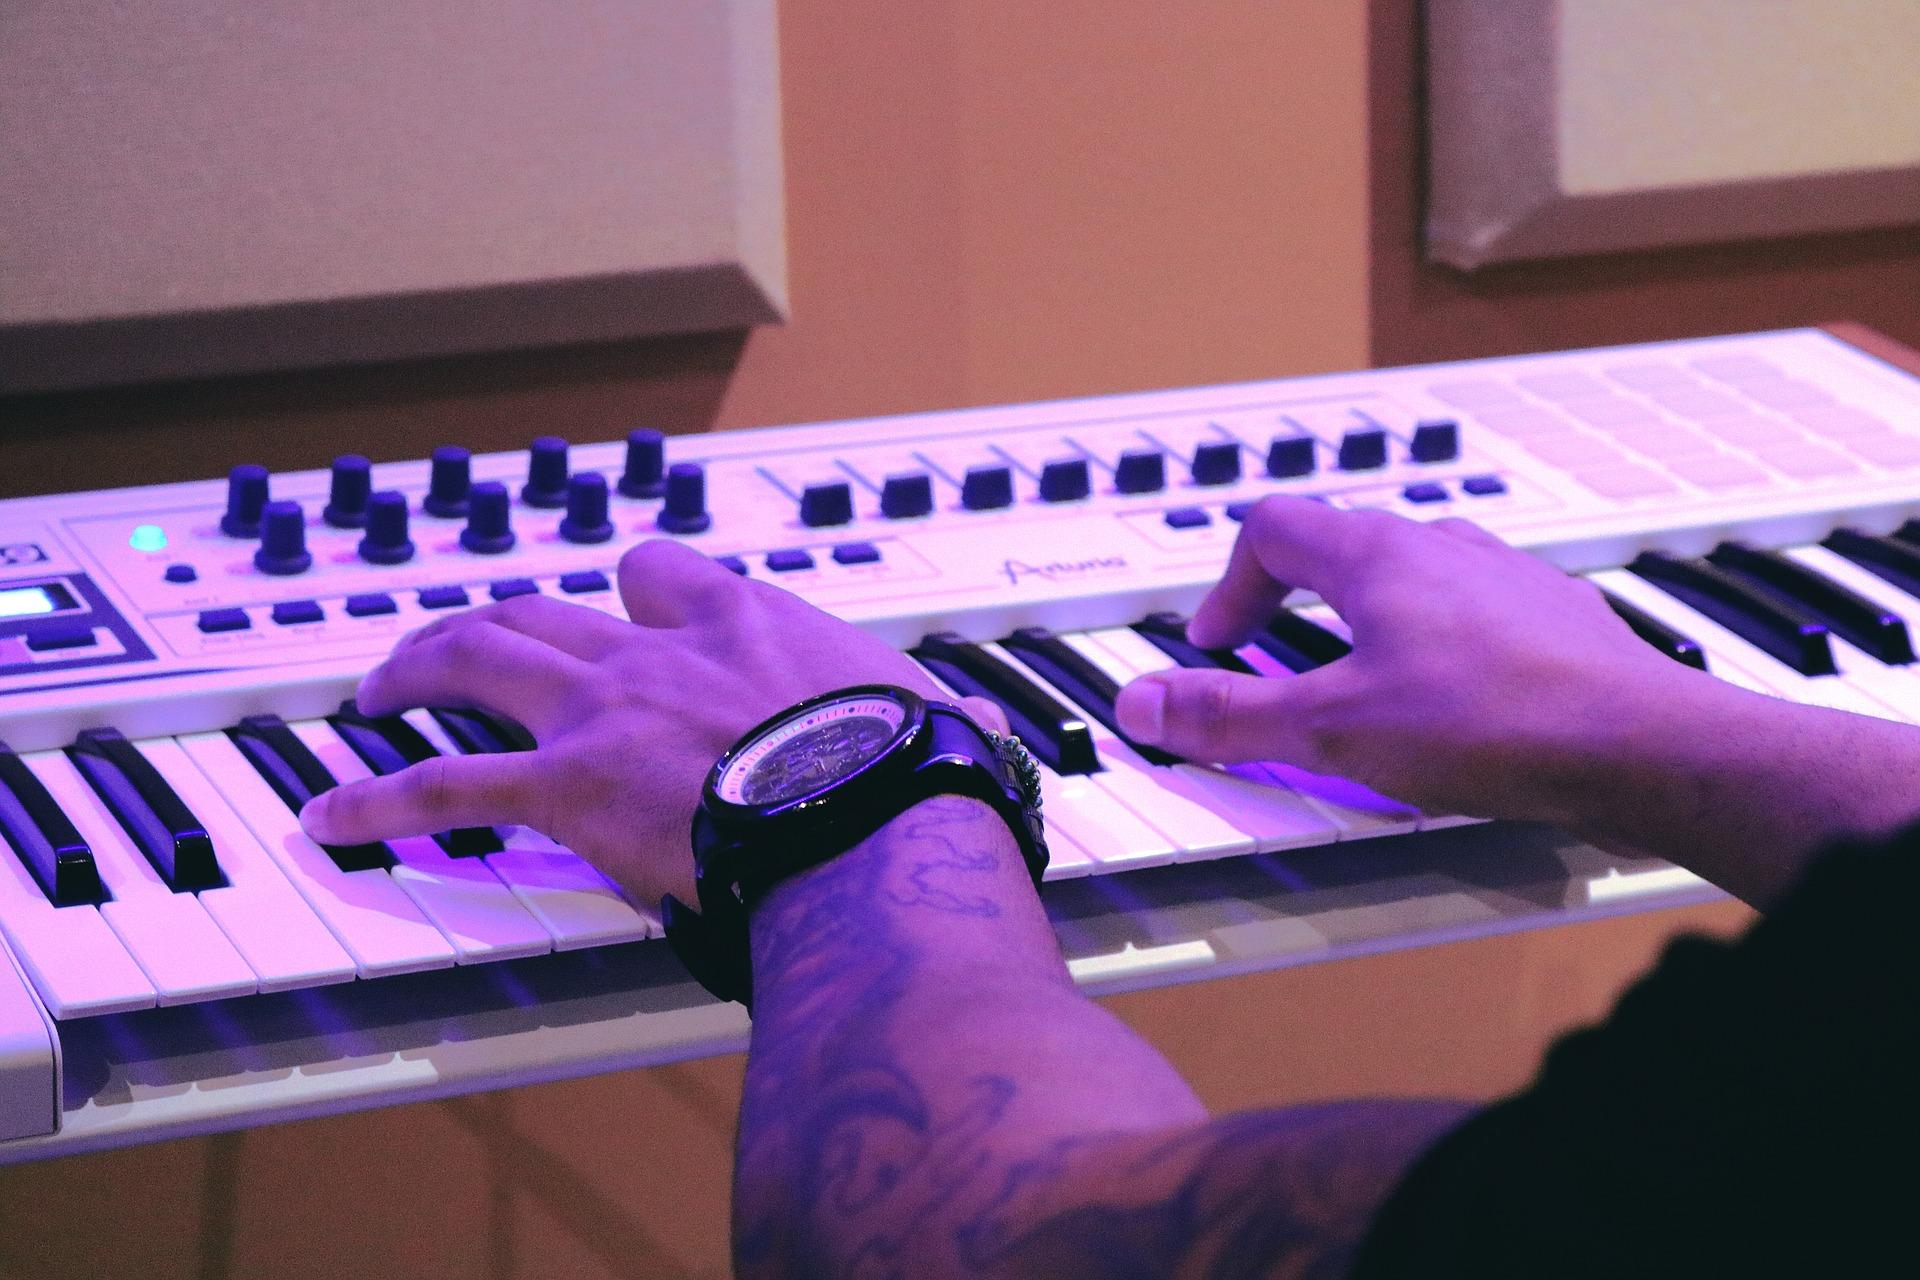 Lån til et keyboard nu og bliv en stjerne